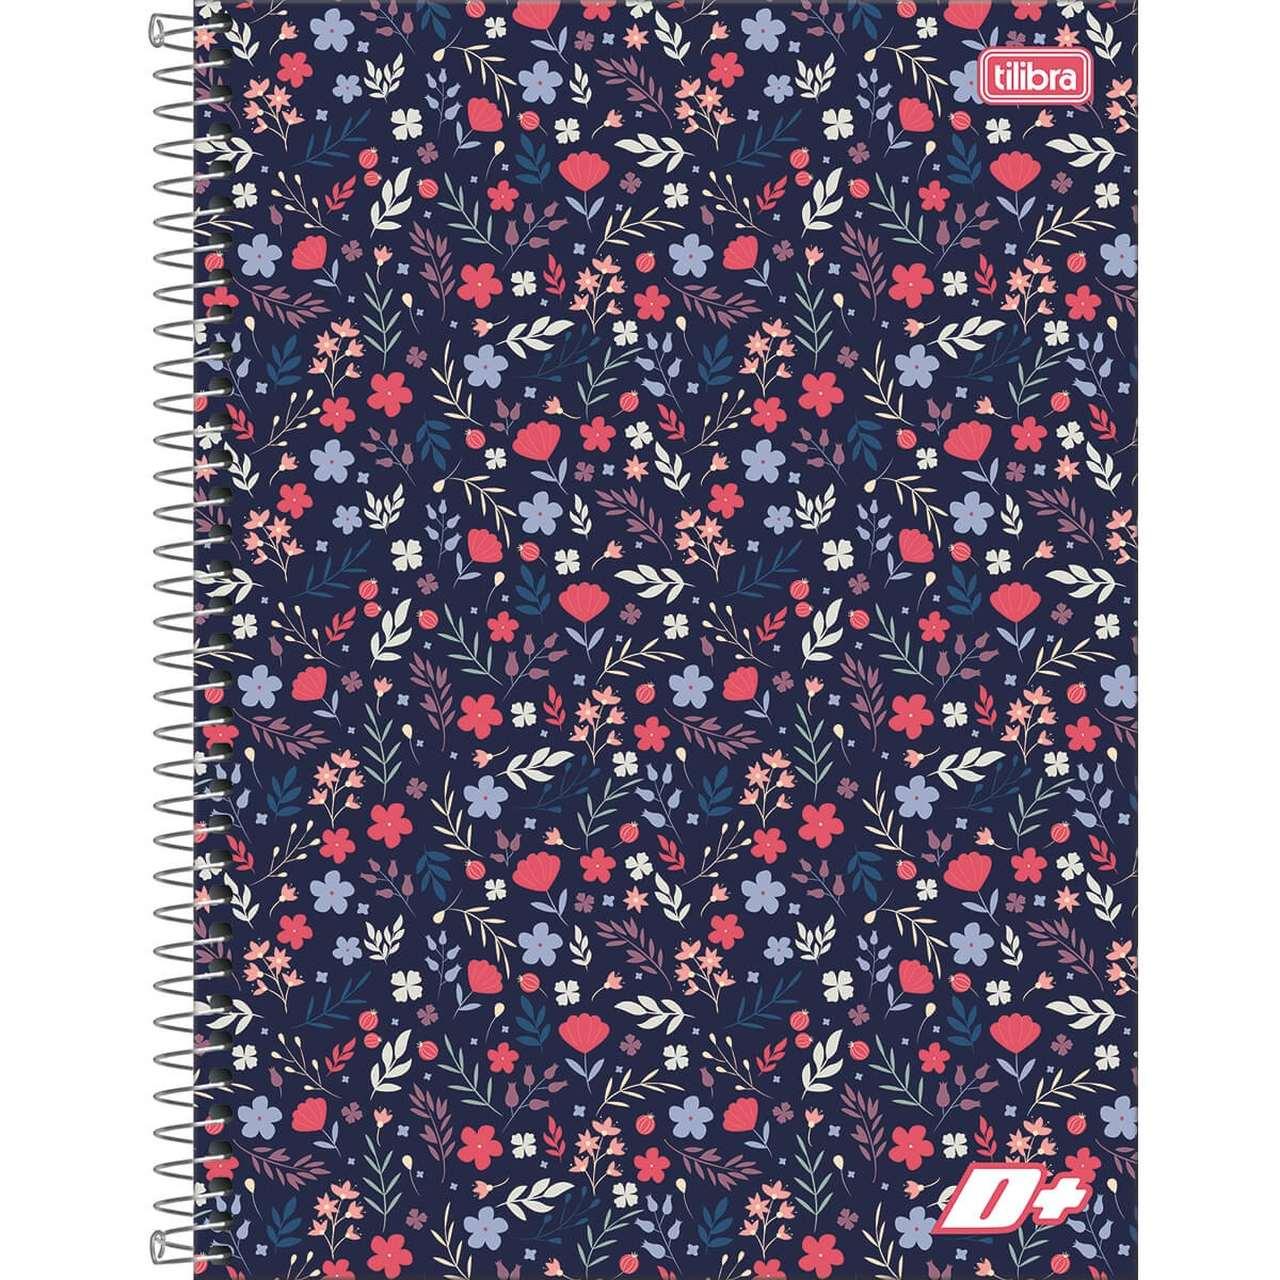 Caderno Espiral Capa Dura Universitário 1 Matérias D+ Feminino 96 Folhas (Pacote com 4 unidades) - Sortido